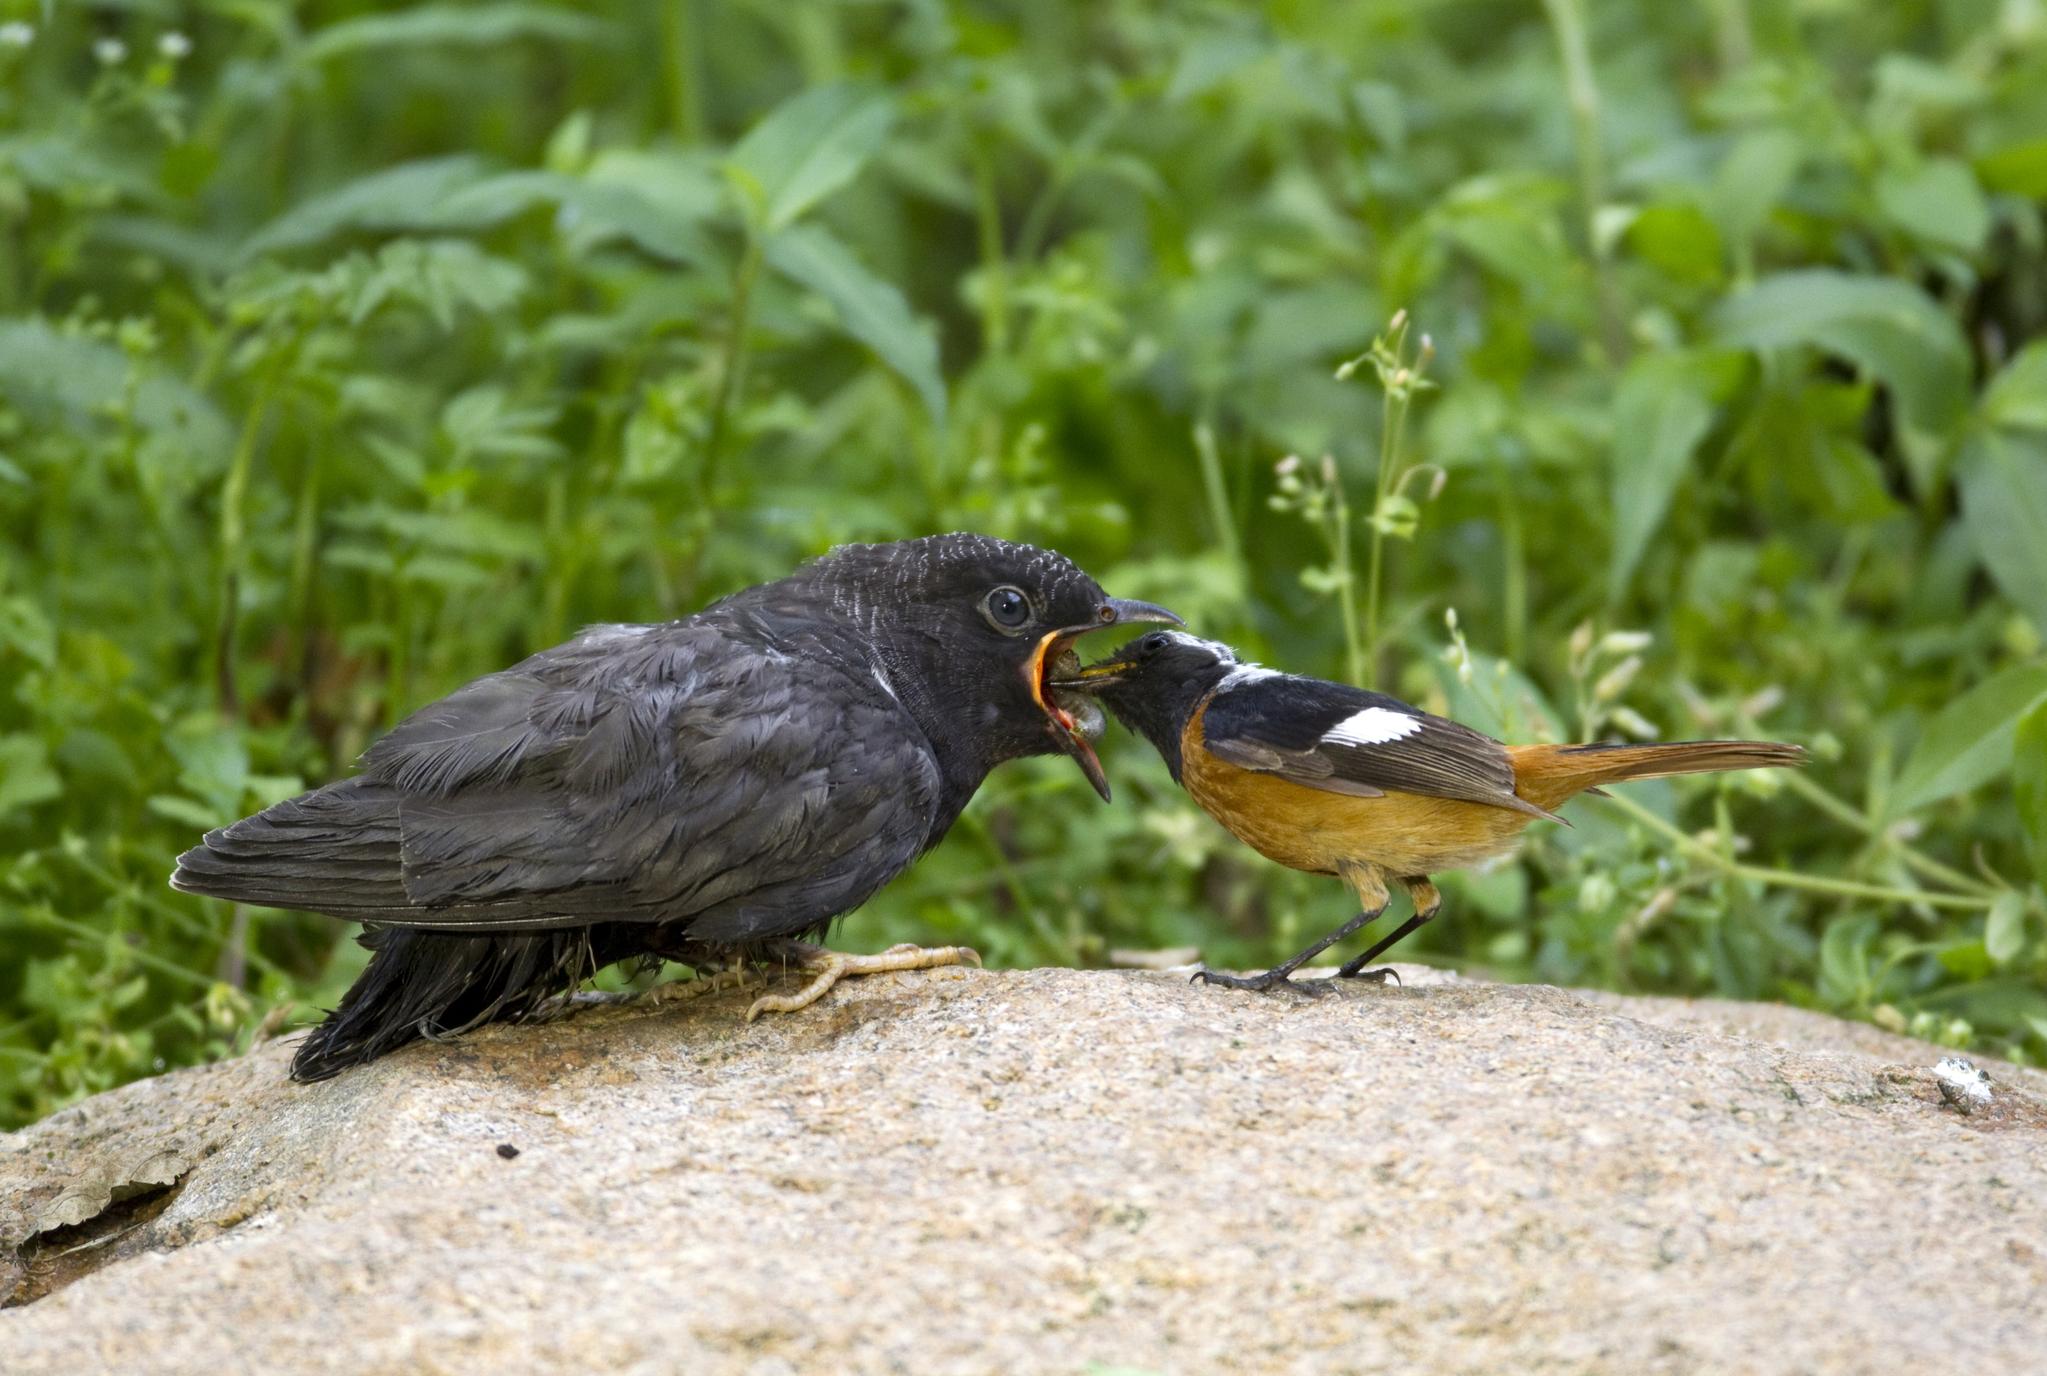 수컷 딱새가 자신 보다 몸집이 훨씬 큰 어린 뻐꾸기에게 먹이를 먹이고 있다. 대리모인 딱새의 둥지에서 먼저 부화하는 뻐꾸기는 둥지 안의 딱새 알을 자신의 몸으로 밀어내 제거한 뒤 둥지를 독차지하며 자란다. 둥지를 벗어난 어린 뻐꾸기는 독립해서도 한동안 대리모의 보살핌을 받는다. 탁란은 뻐꾸기를 비롯한 두견이과의 독특한 종족번식 방식이며 이들은 자신이 직접 자식을 키우지 않고 딱새, 뱁새, 개개비, 휘파람새 등 자신보다 몸집이 훨씬 작은 새의 둥지에 침입해 알을 낳는다. [중앙포토]